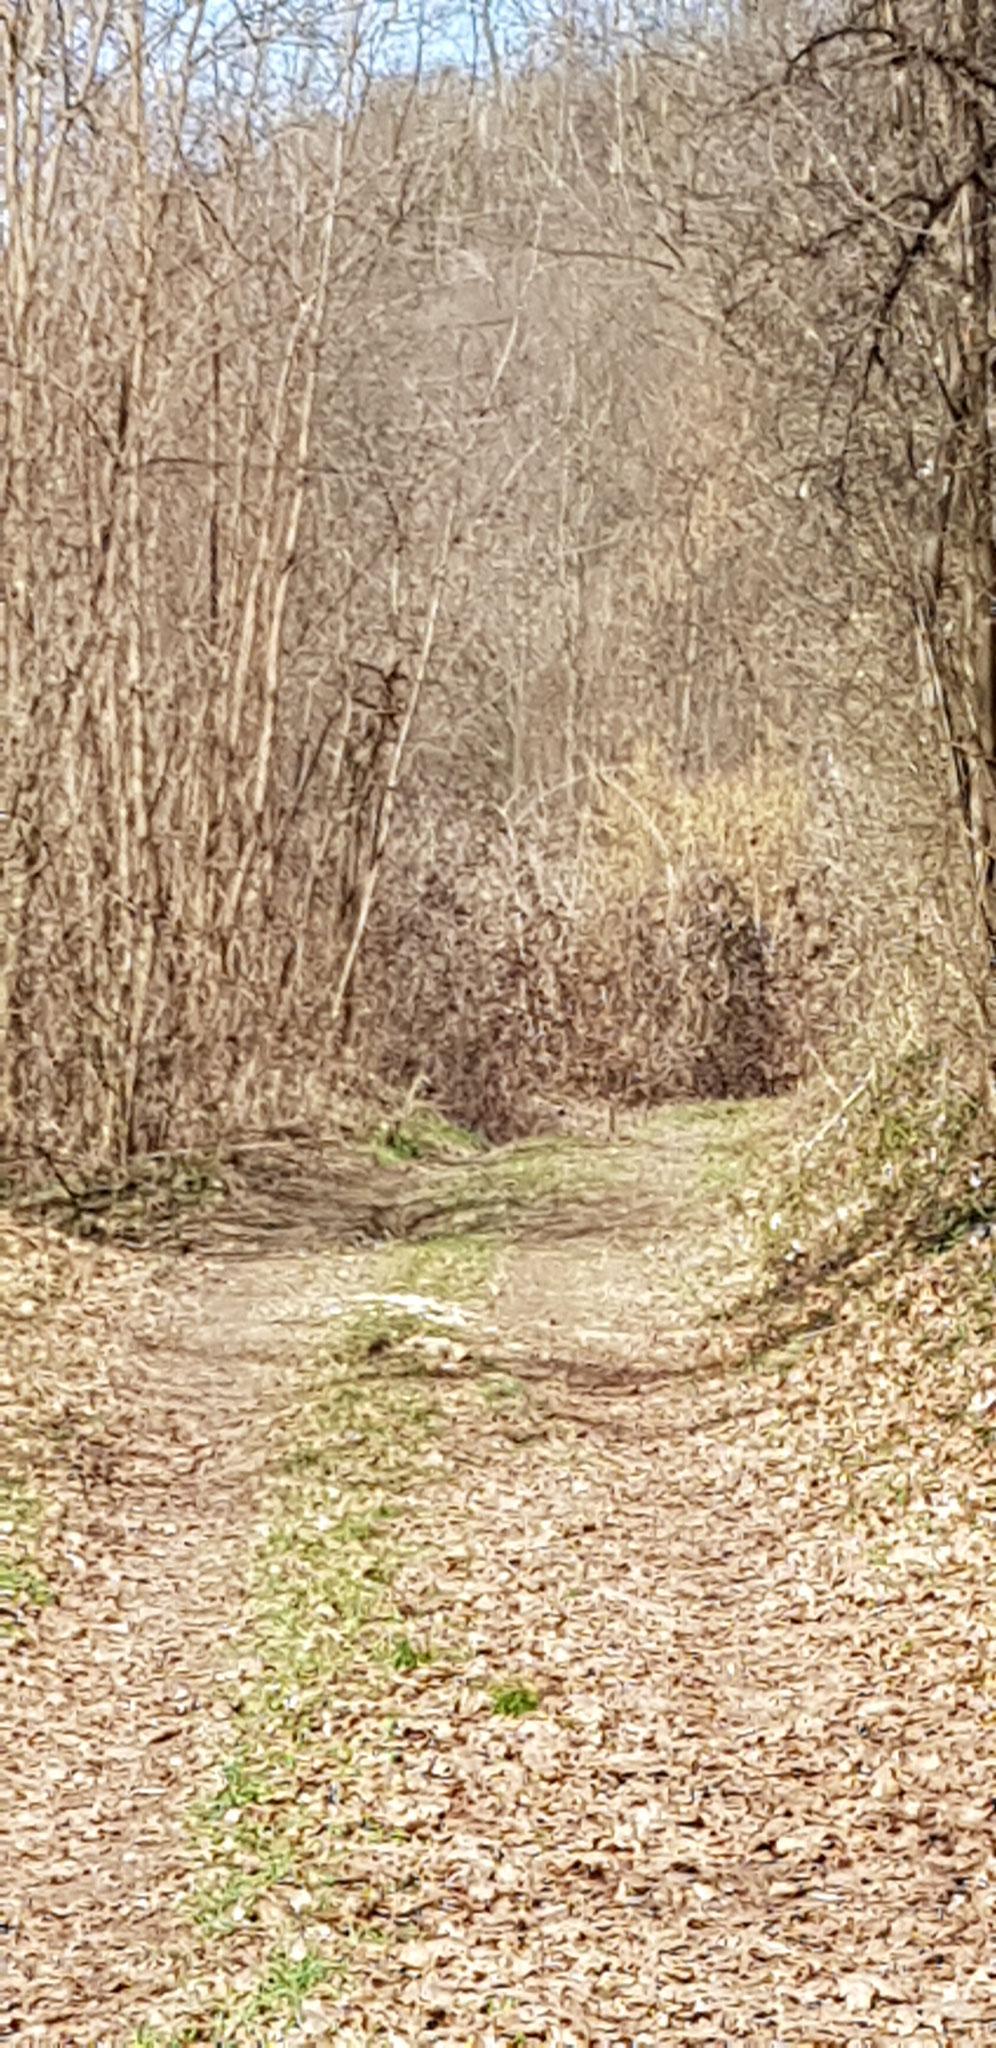 """Im Sommer scheint dieser Weg im """"Tal des Todes"""" sicher wie verwunschen."""